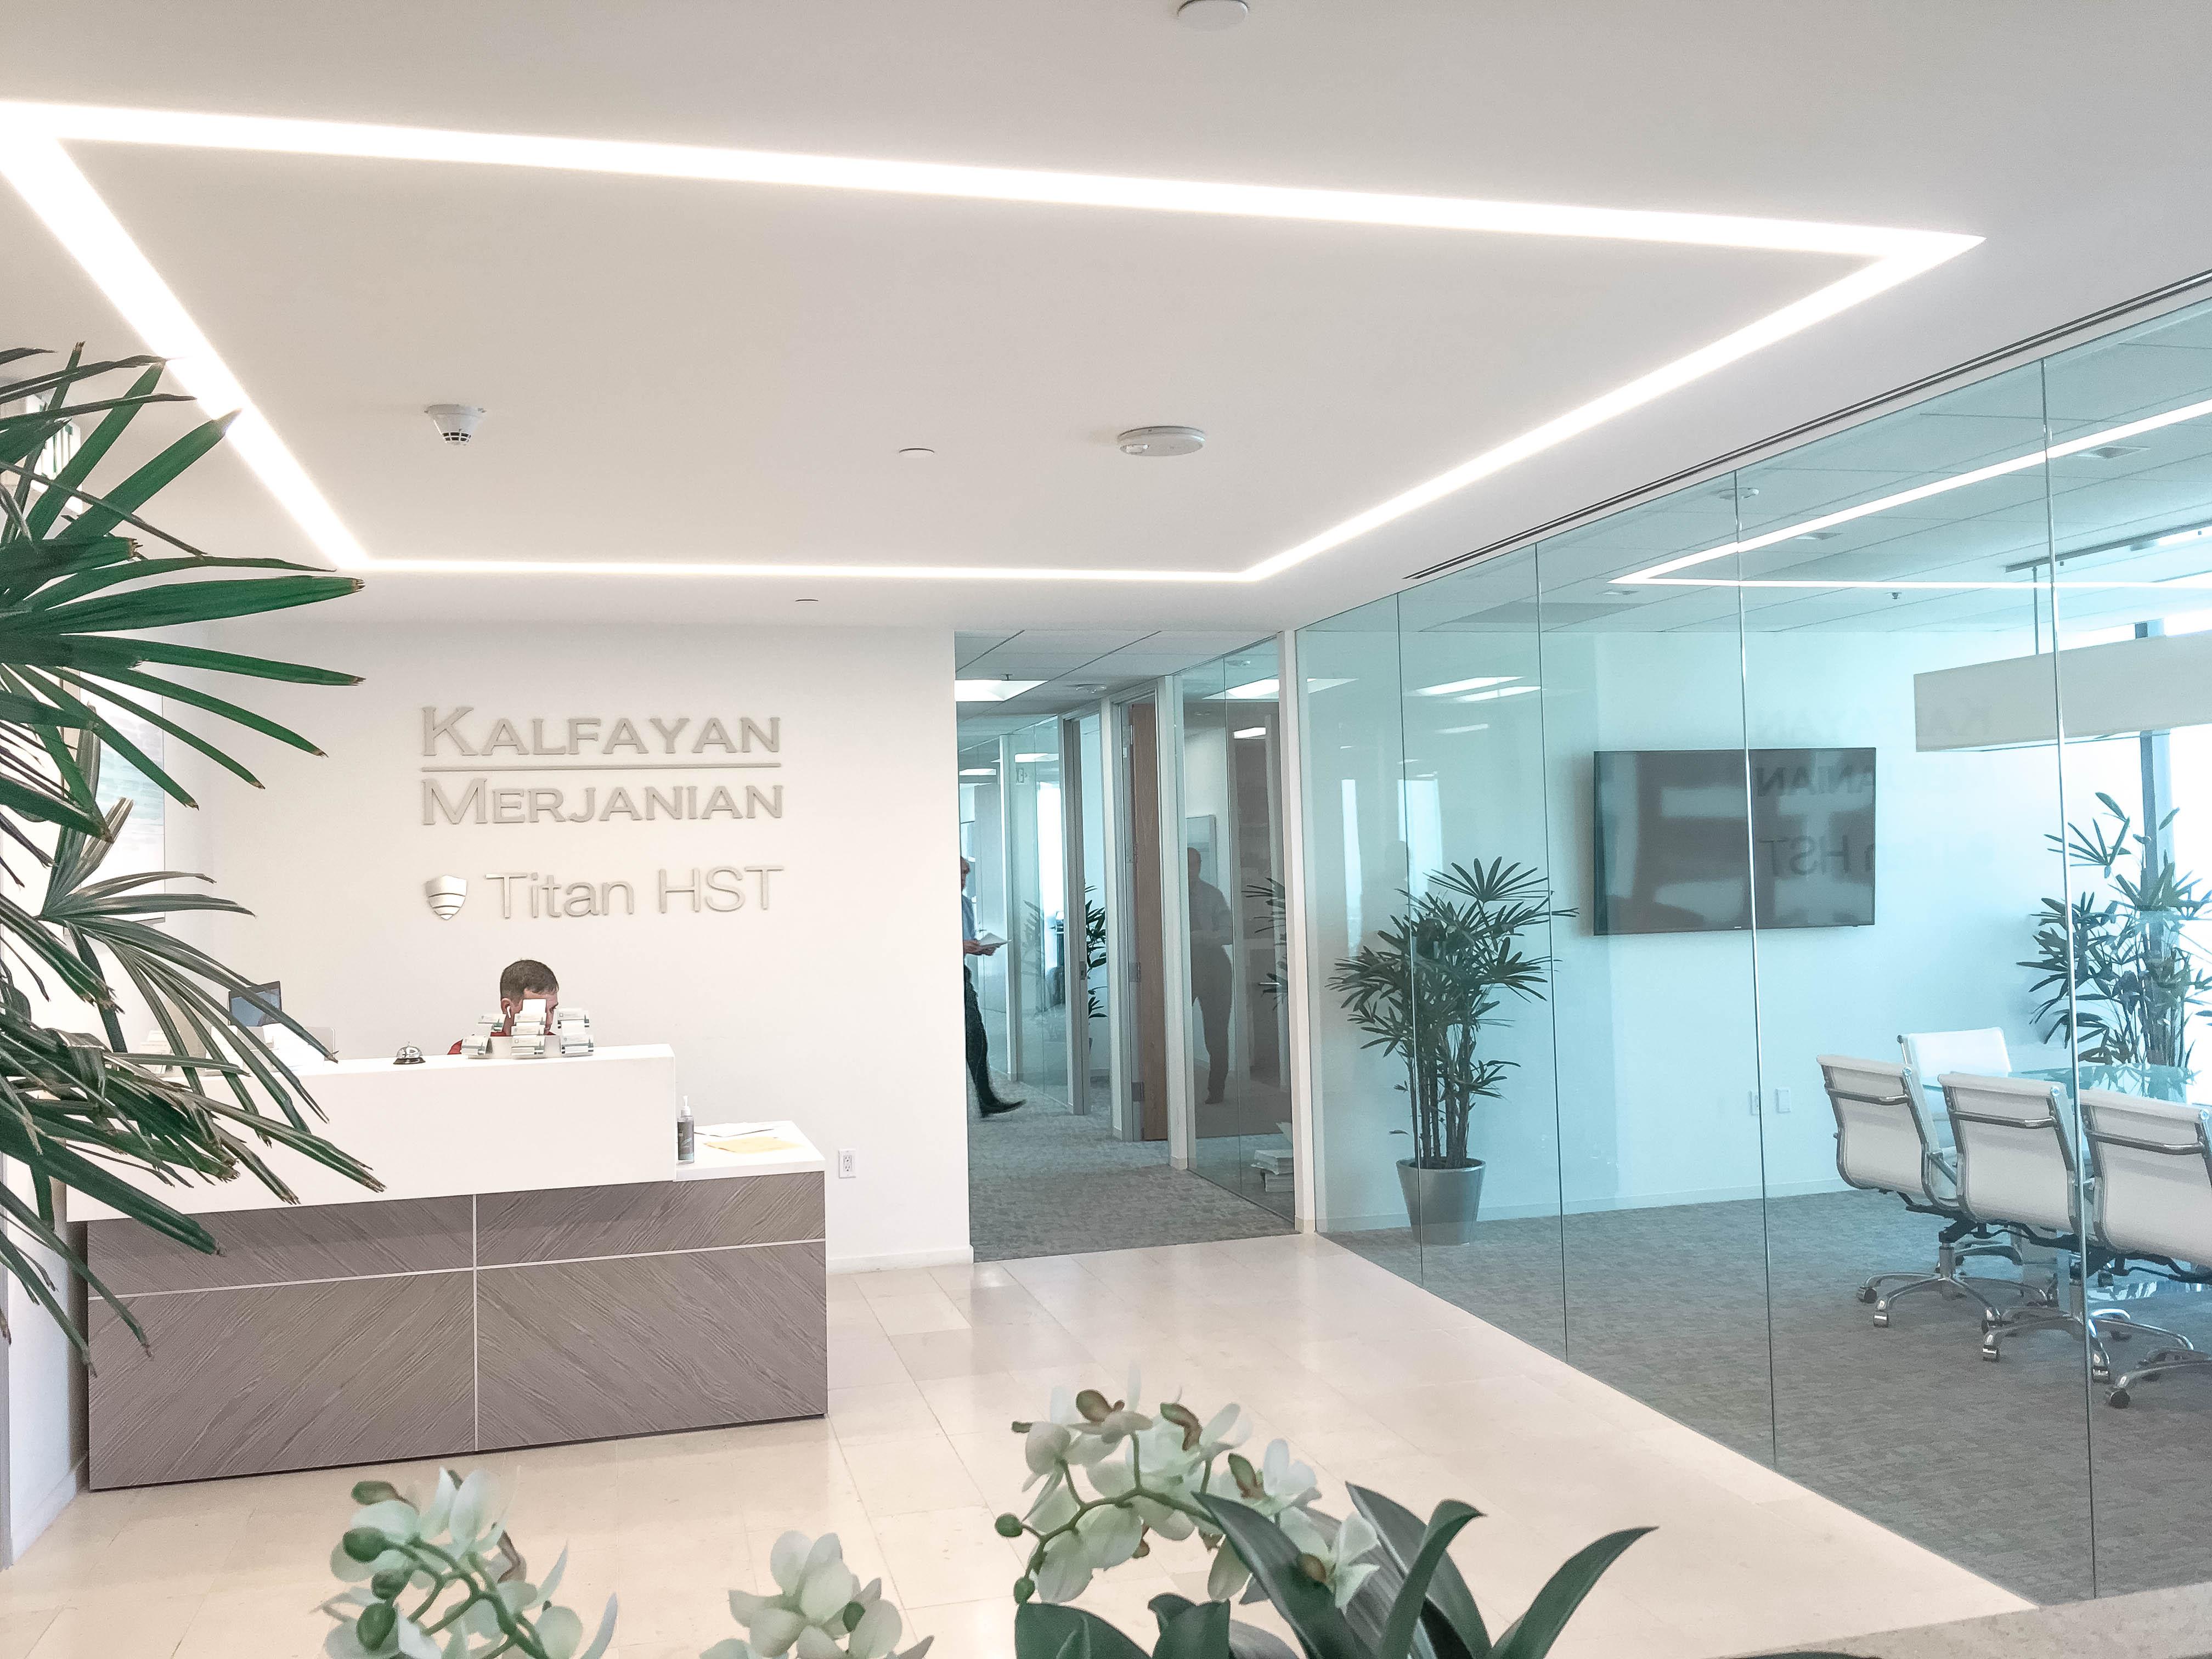 Kalfayan Merjanian office